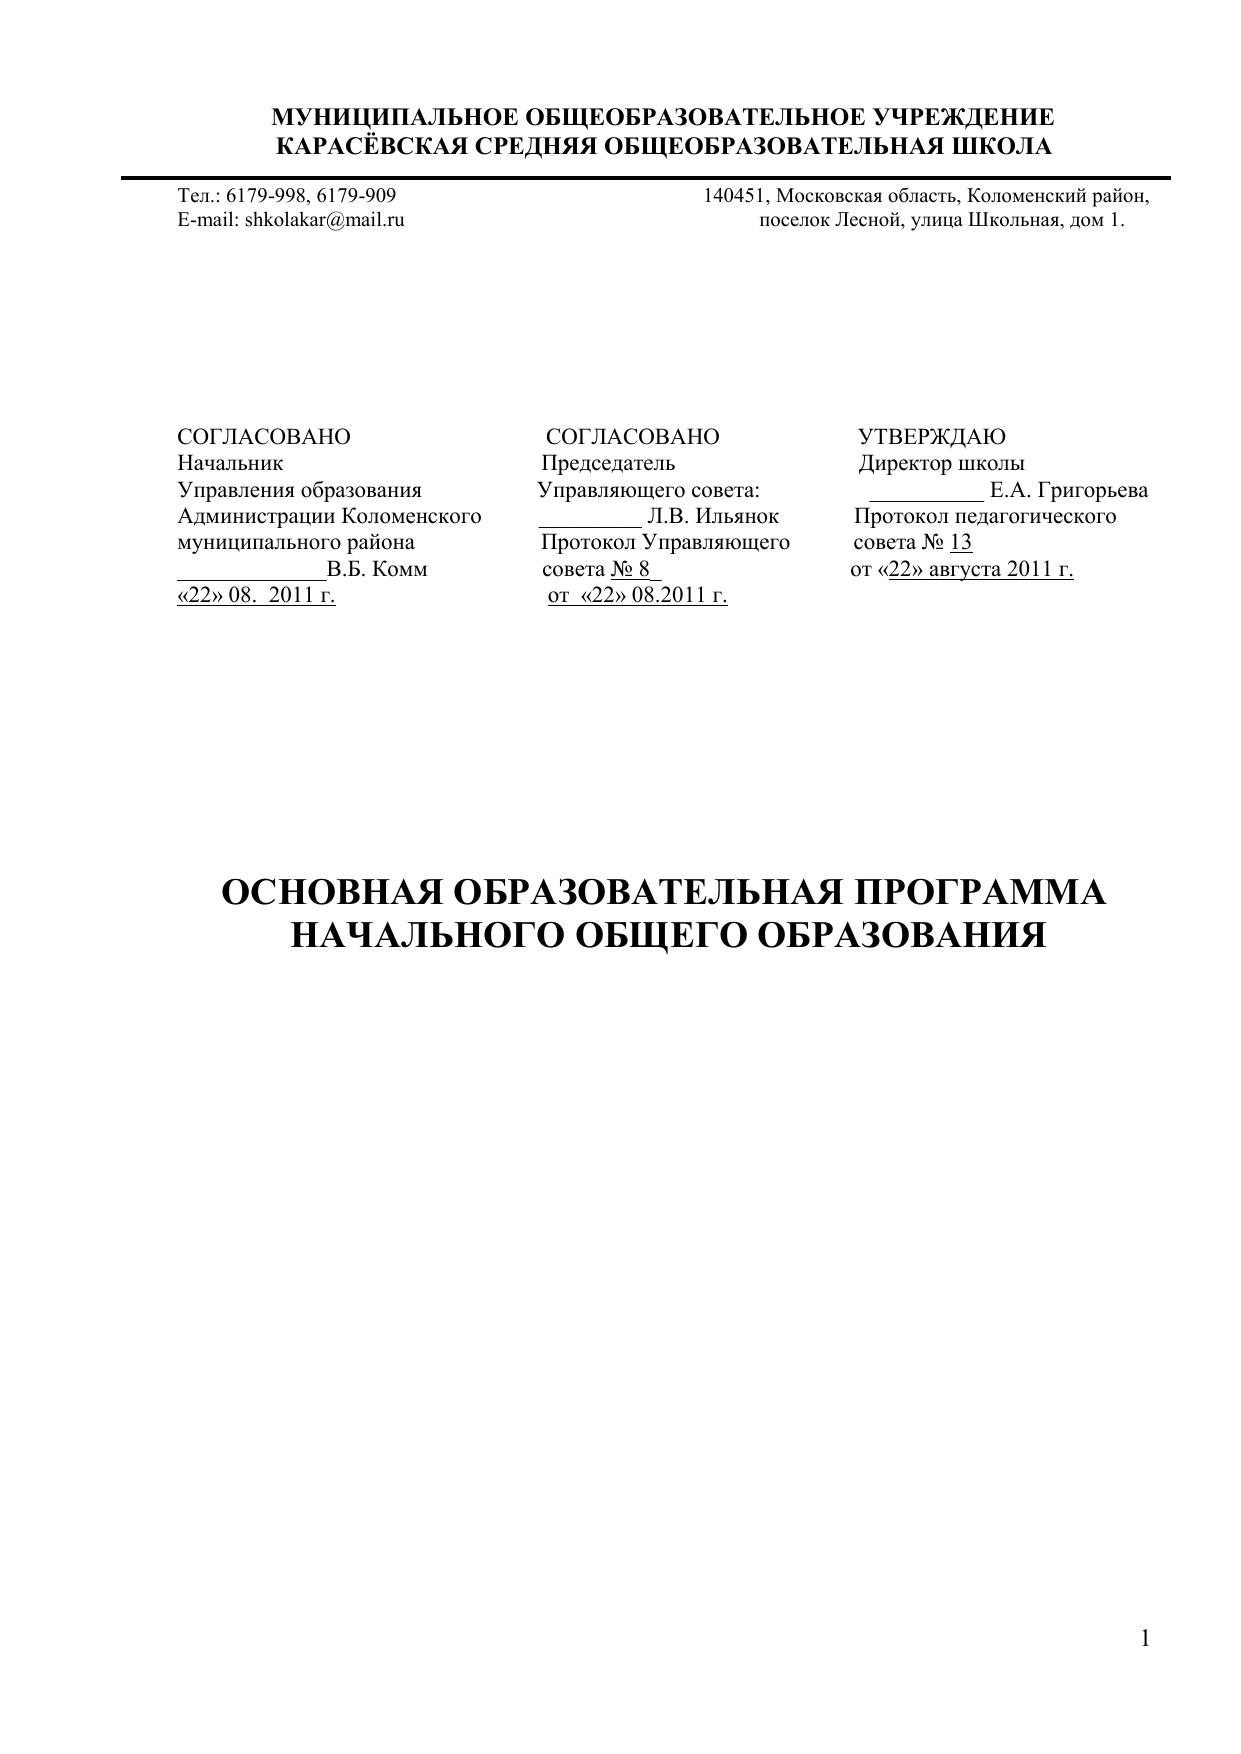 Гдз урок 22 рабочая тетрадь по истории 8 класс данилов давыдова ответы mail.ru